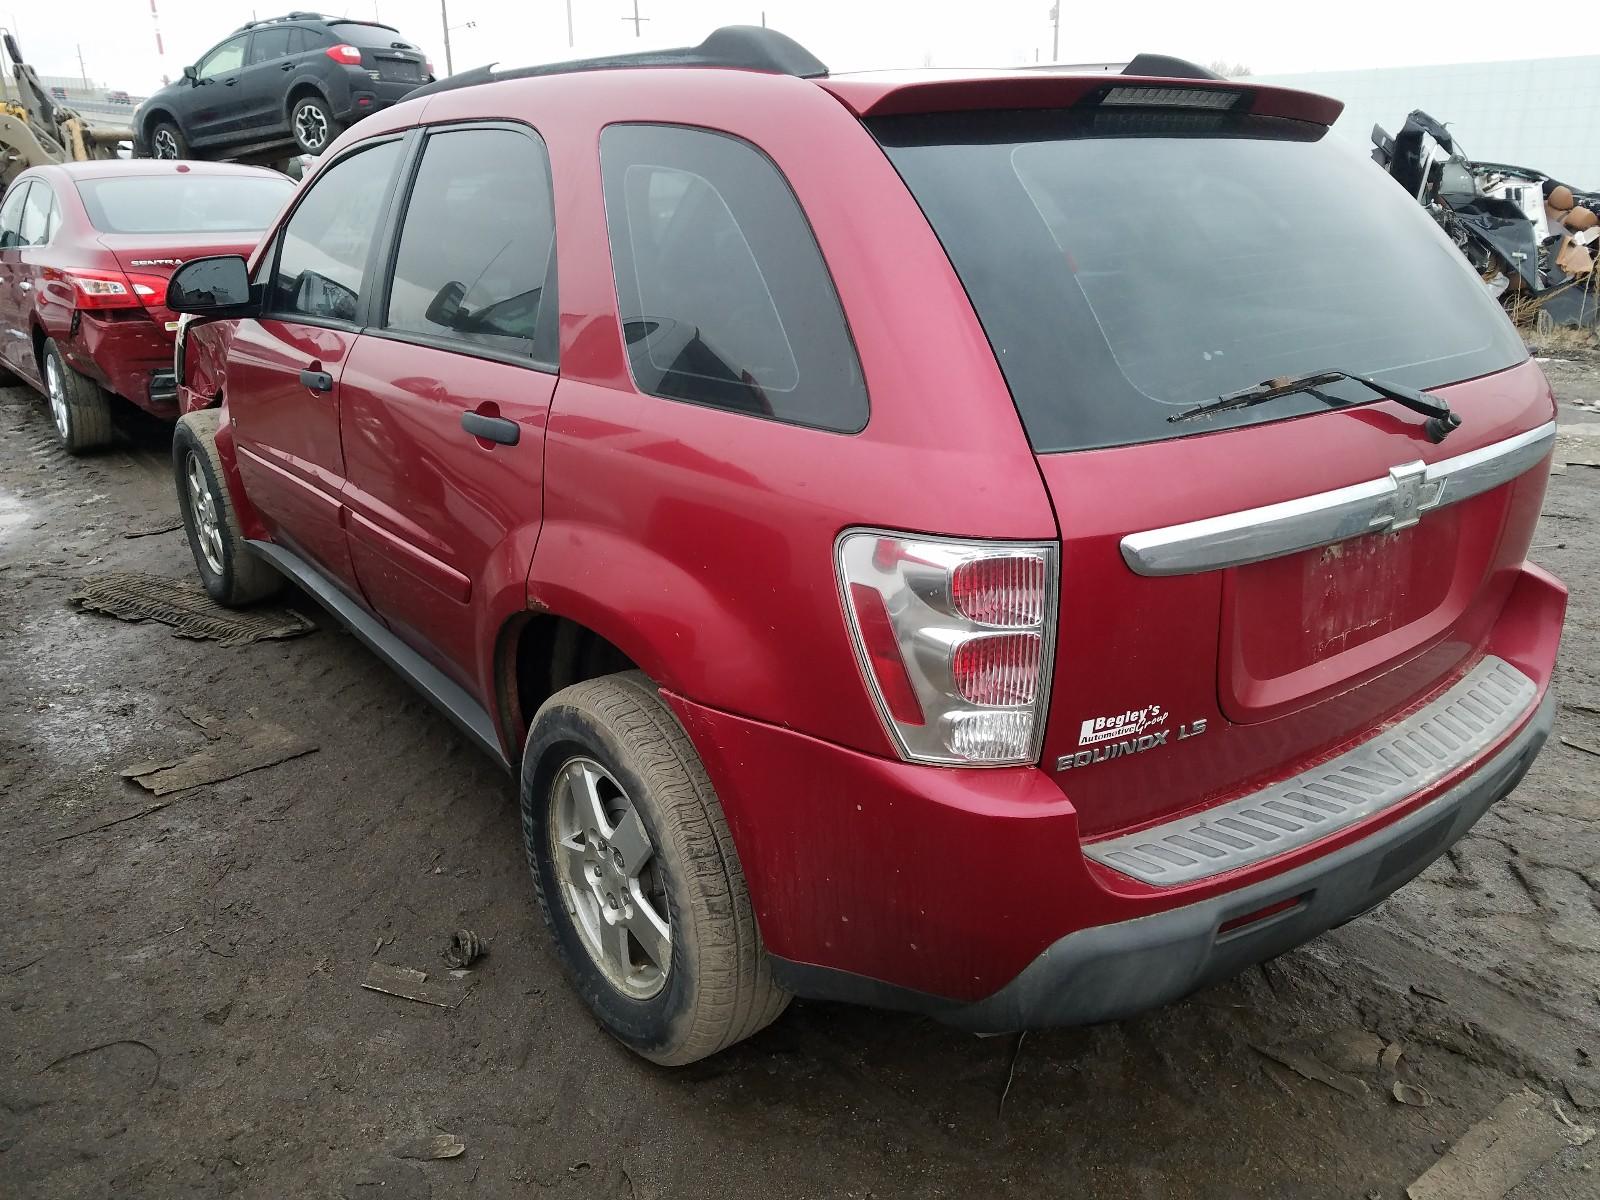 2CNDL13F466179511 - 2006 Chevrolet Equinox Ls 3.4L